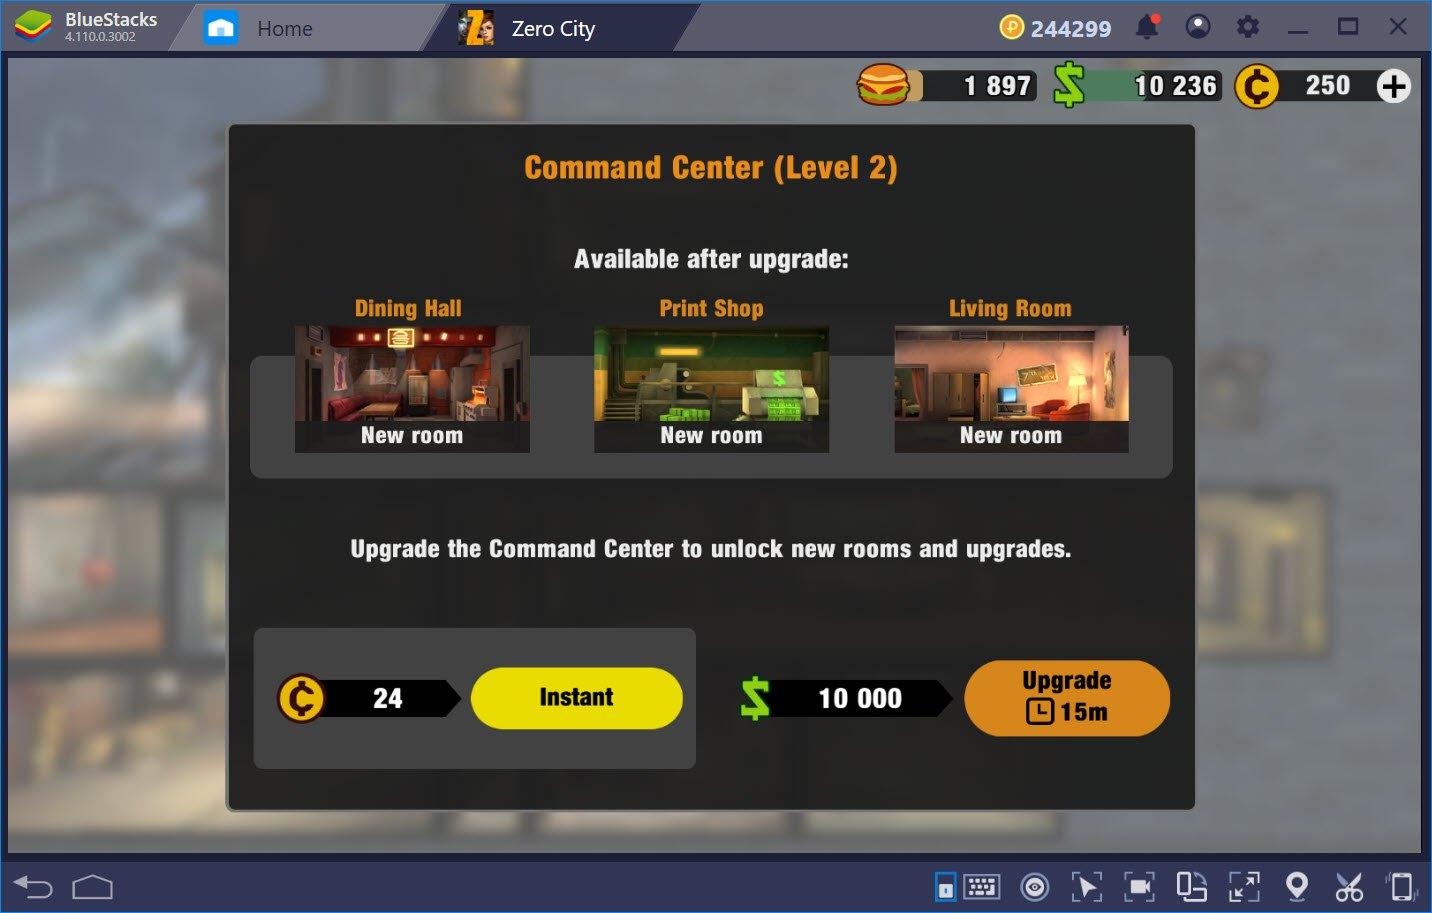 Làm thế nào để tăng dân số trong Zero City